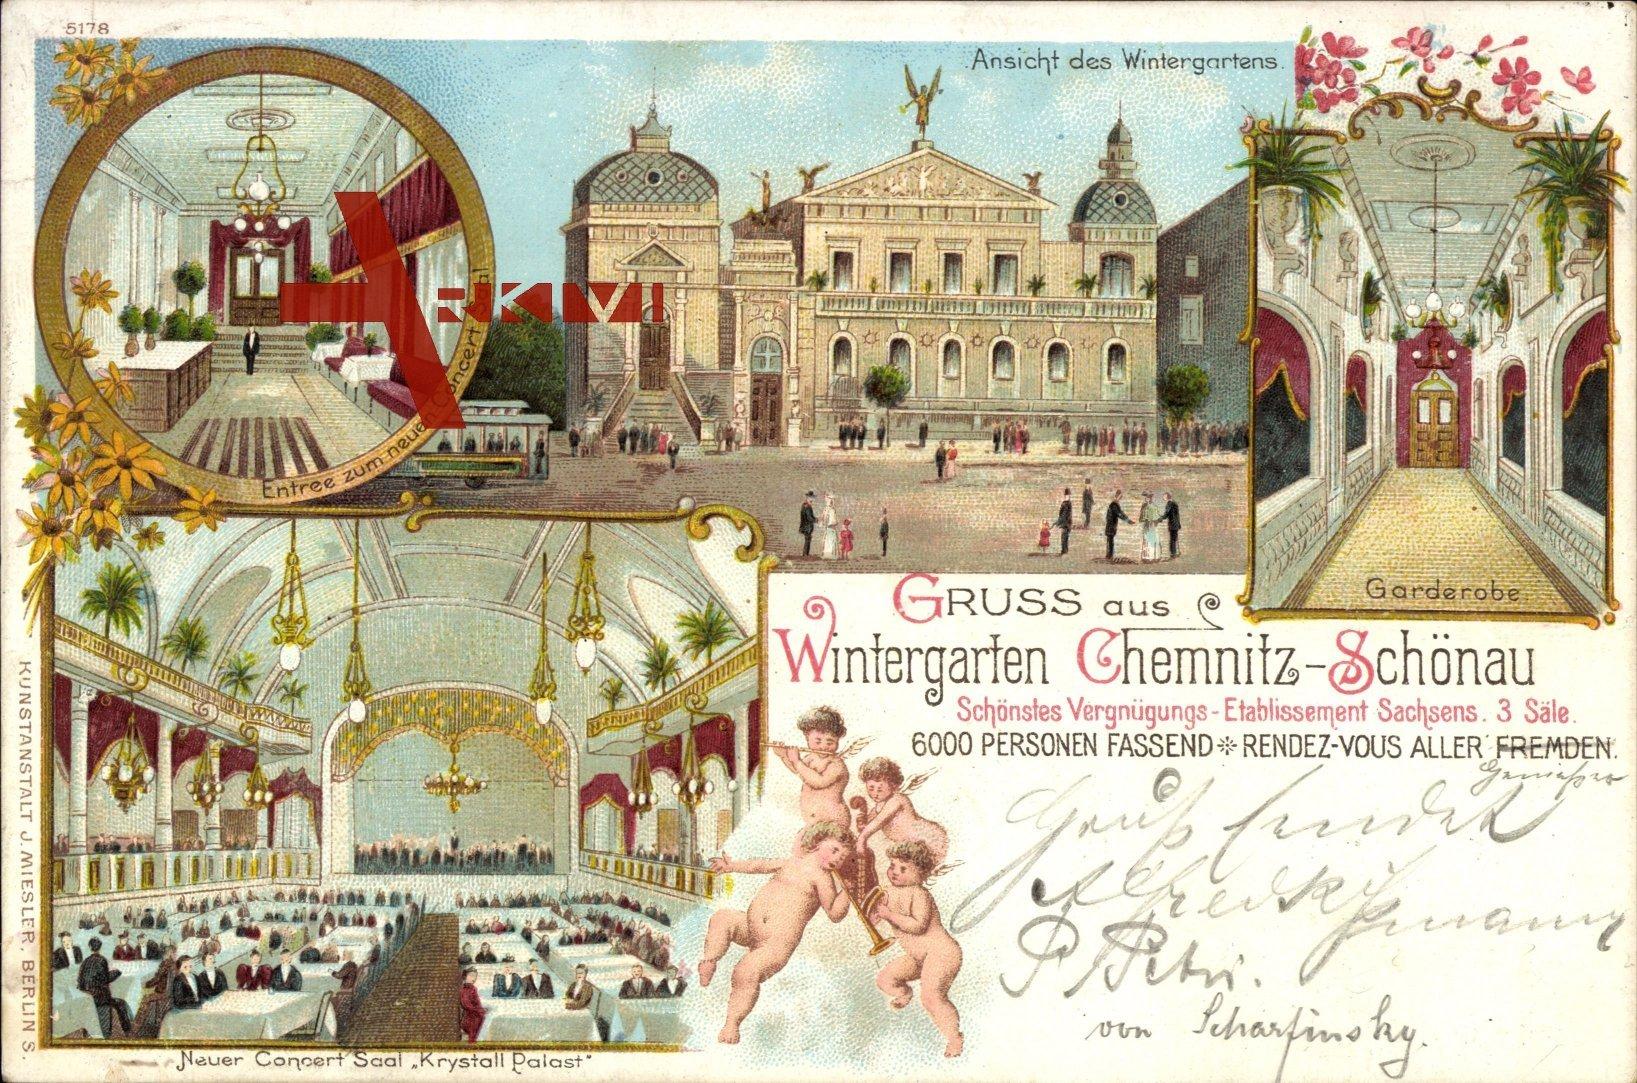 Chemnitz Schönau, Wintergarten, Garderobe, Außenansicht, Engel